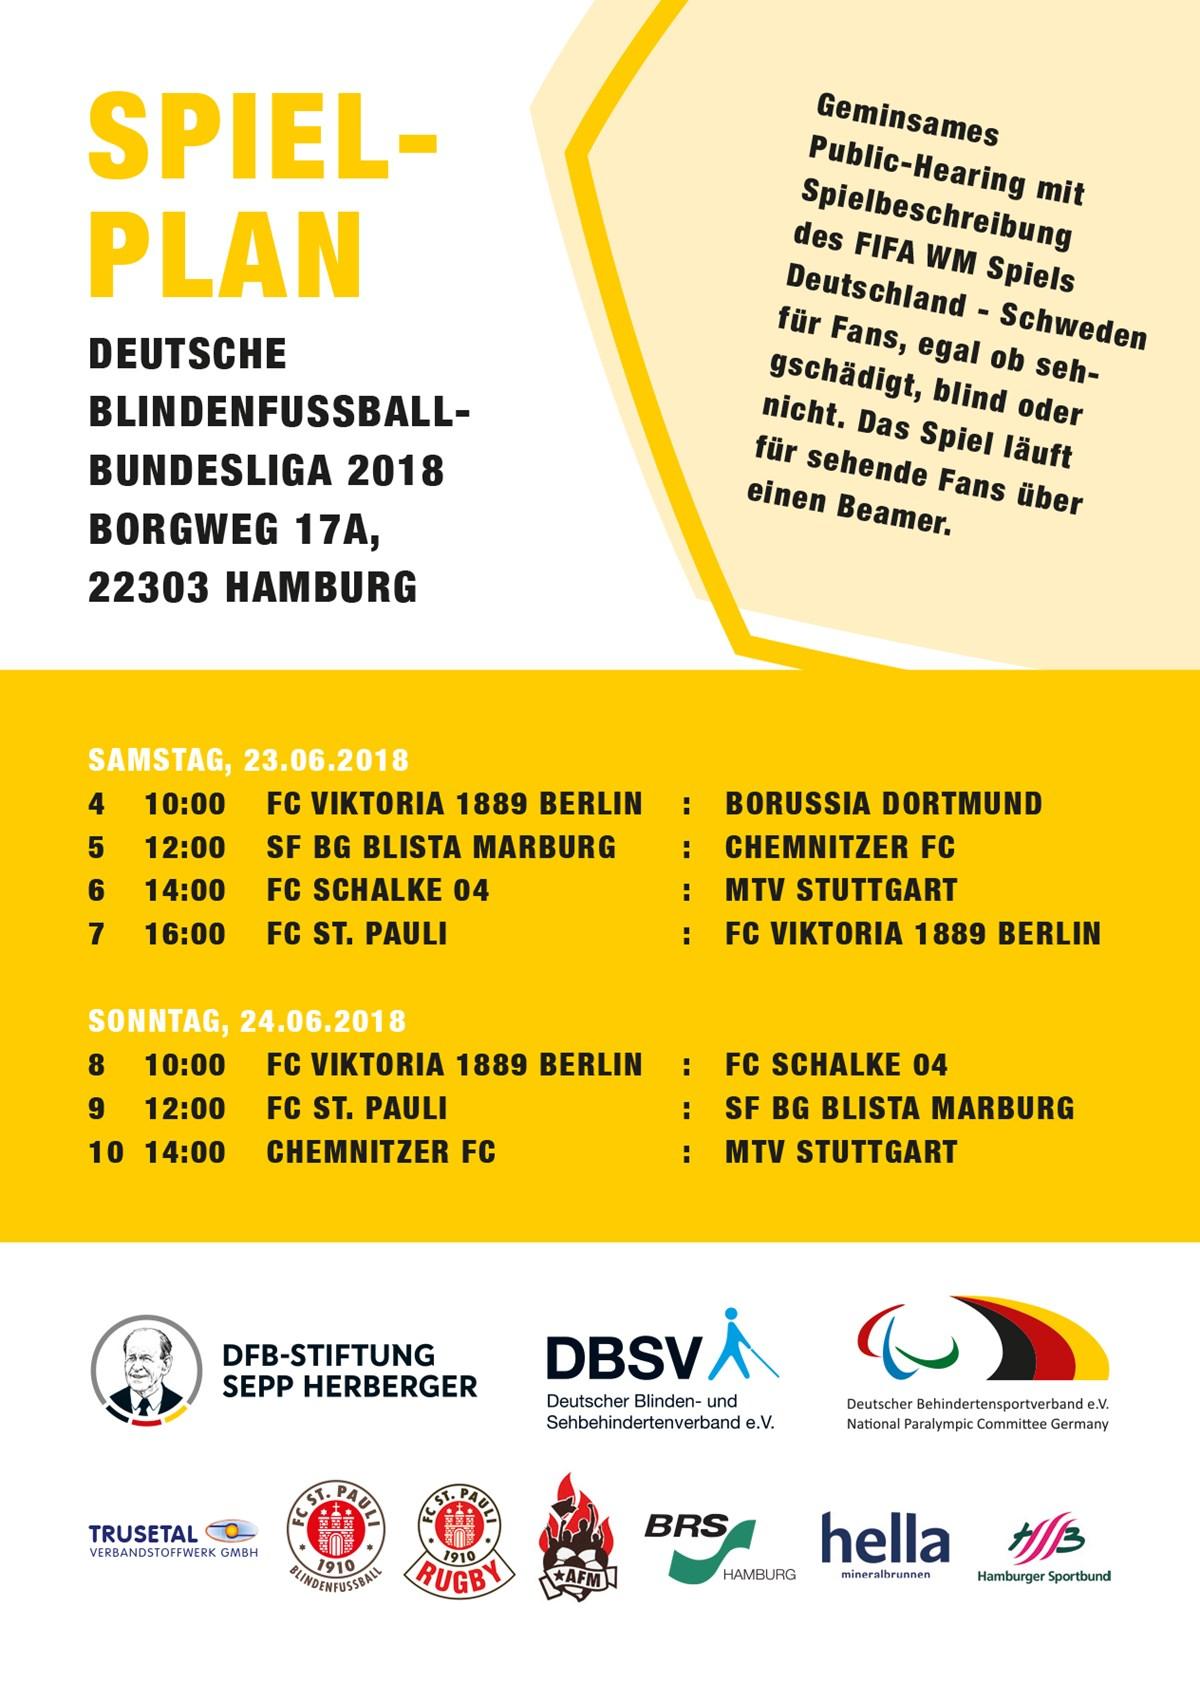 Der Spielplan des 2. Spieltages der Blindenfußball-Bundesliga 2018